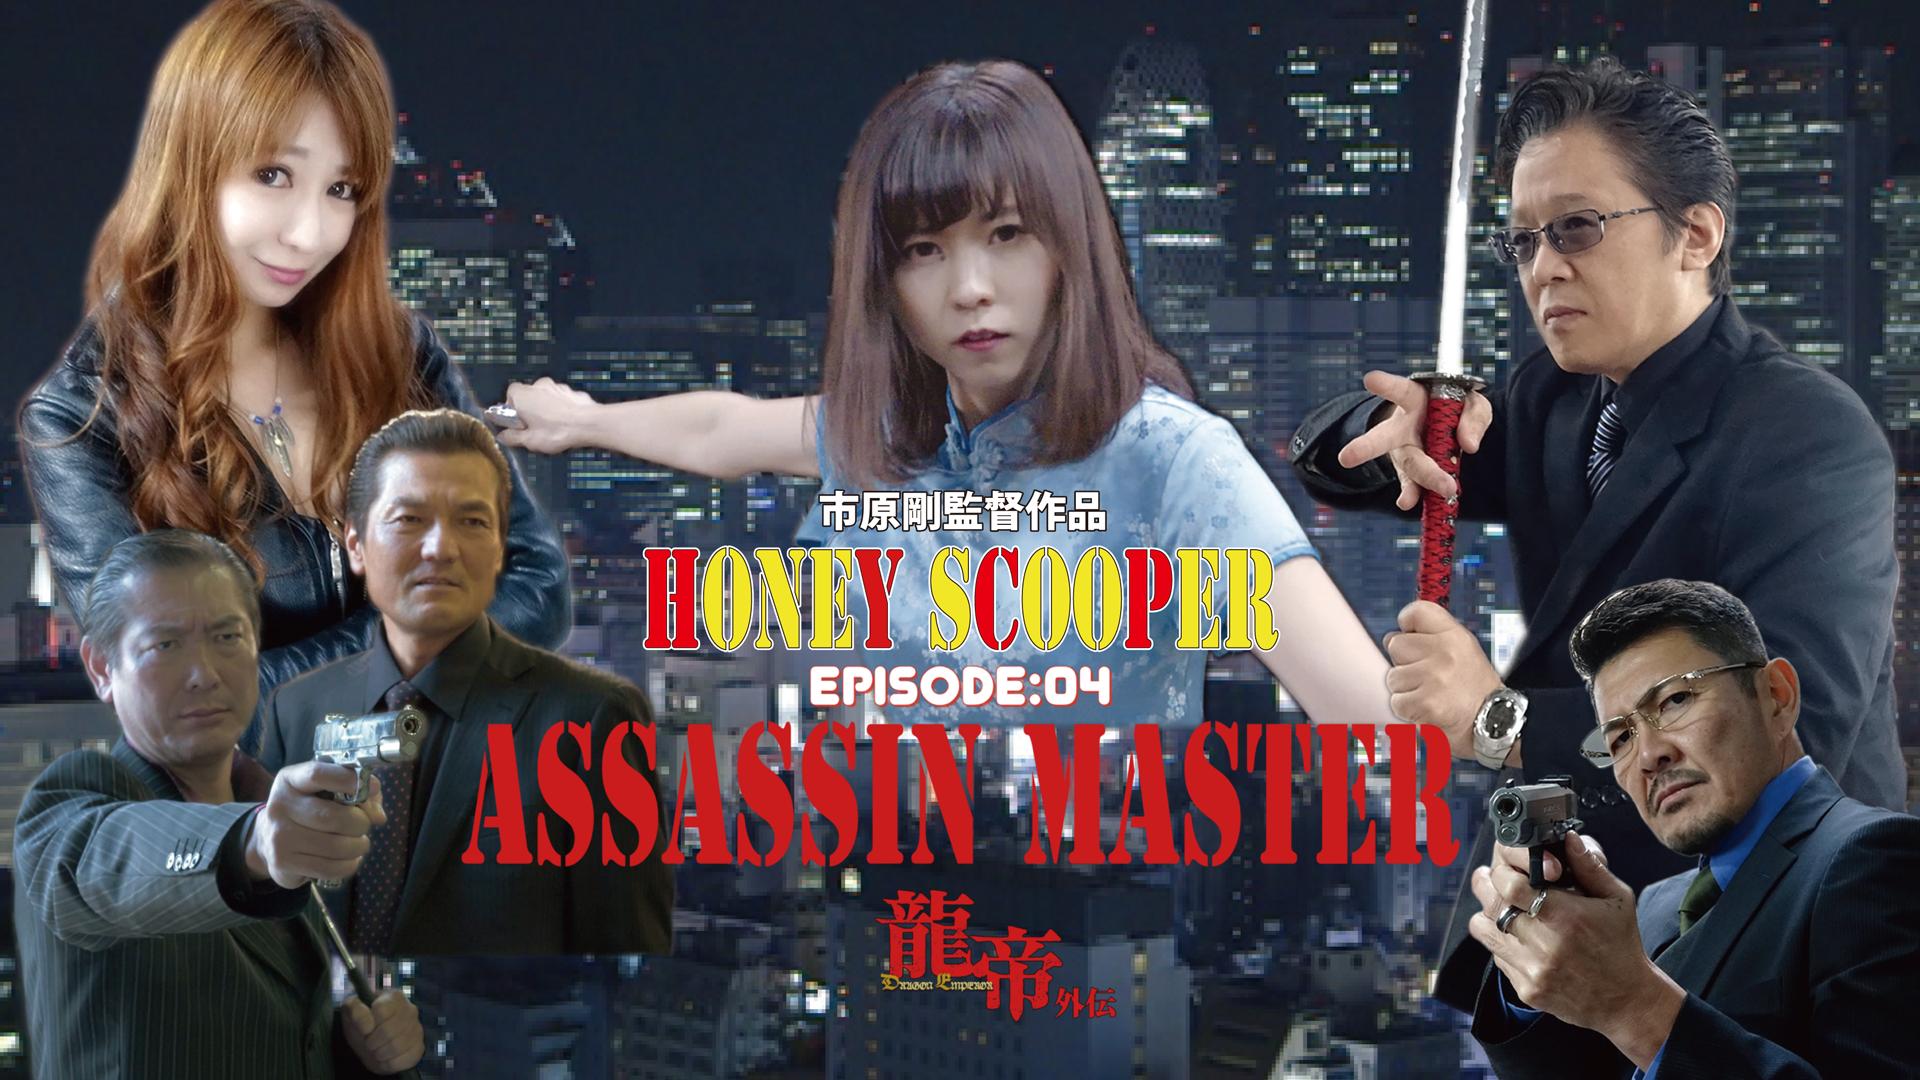 Honey Scooper《episode:04》Assassin Master-龍帝外伝-